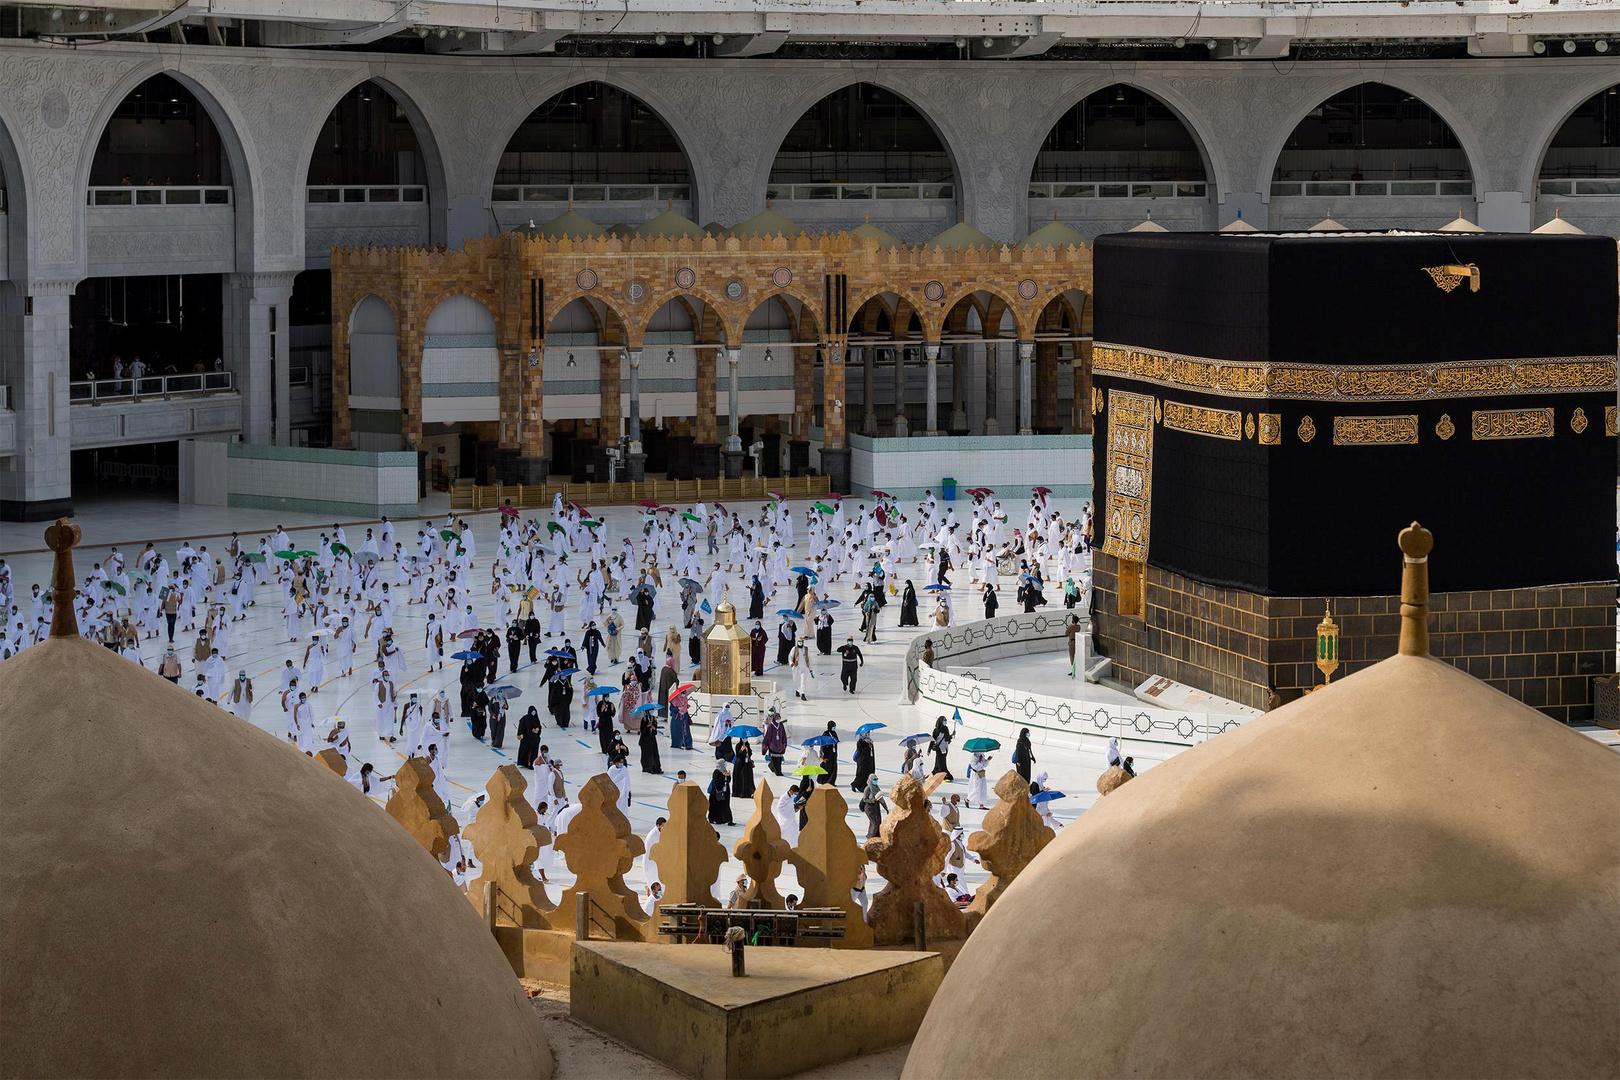 تنسيق بين مكاتب الحج  والعمرة في السعودية وقطر لتسيير رحلات إلى المملكة